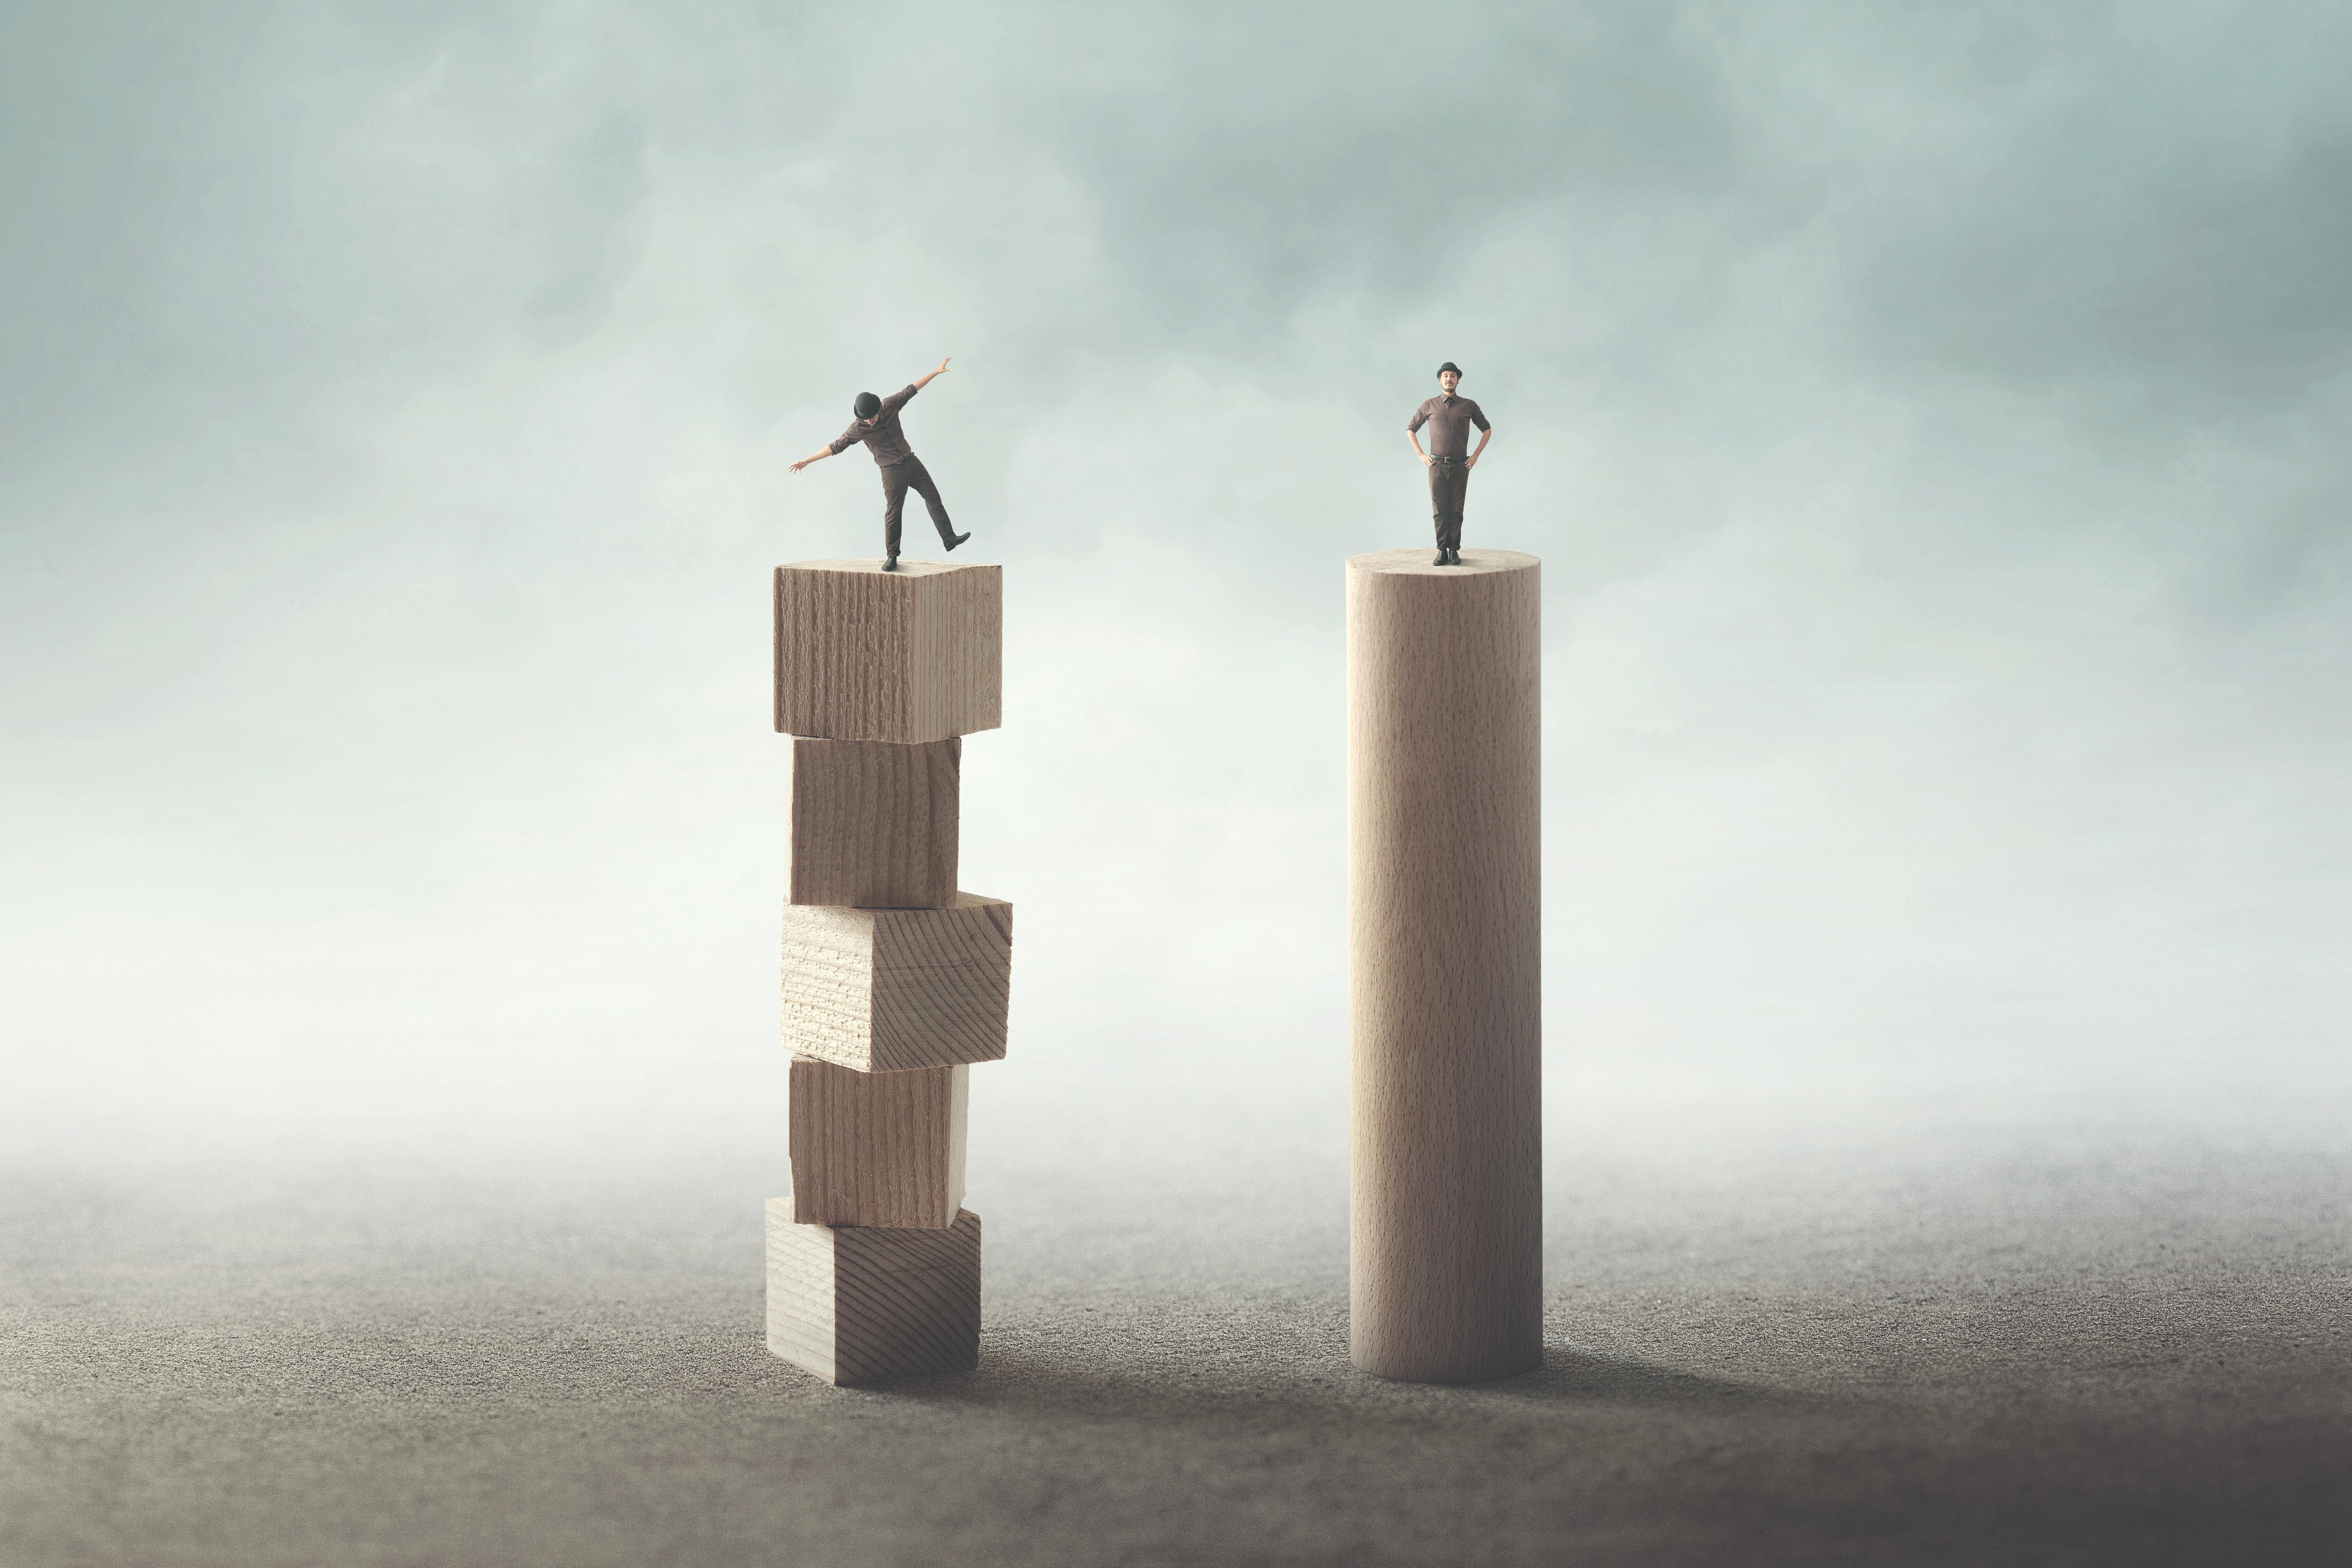 Overconfidence - Un male insuperabile? L'etica dice di sì.